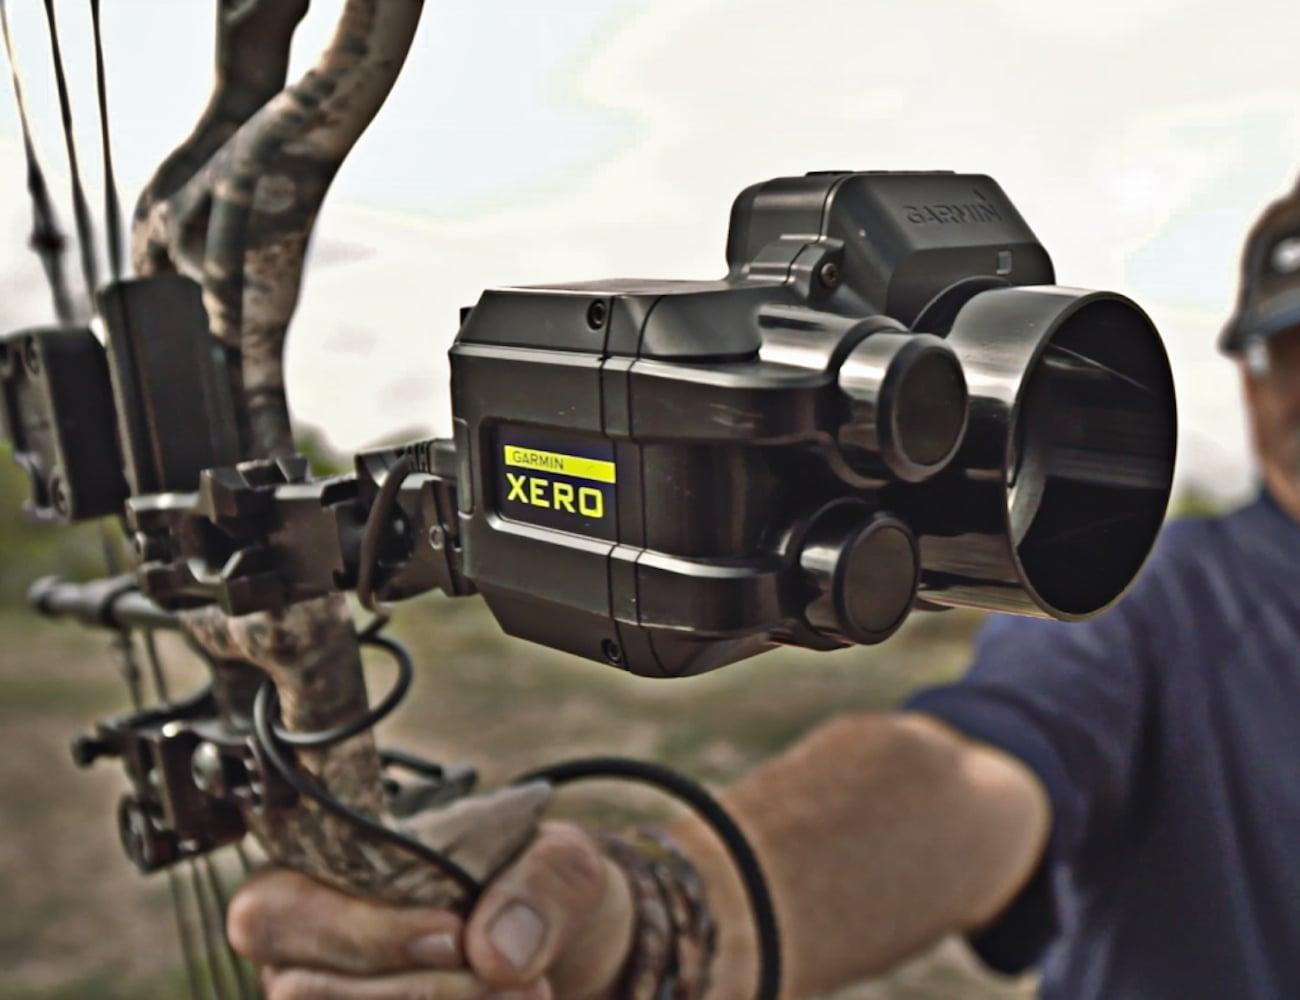 Xero A1i Auto-Ranging Digital Bow Sight